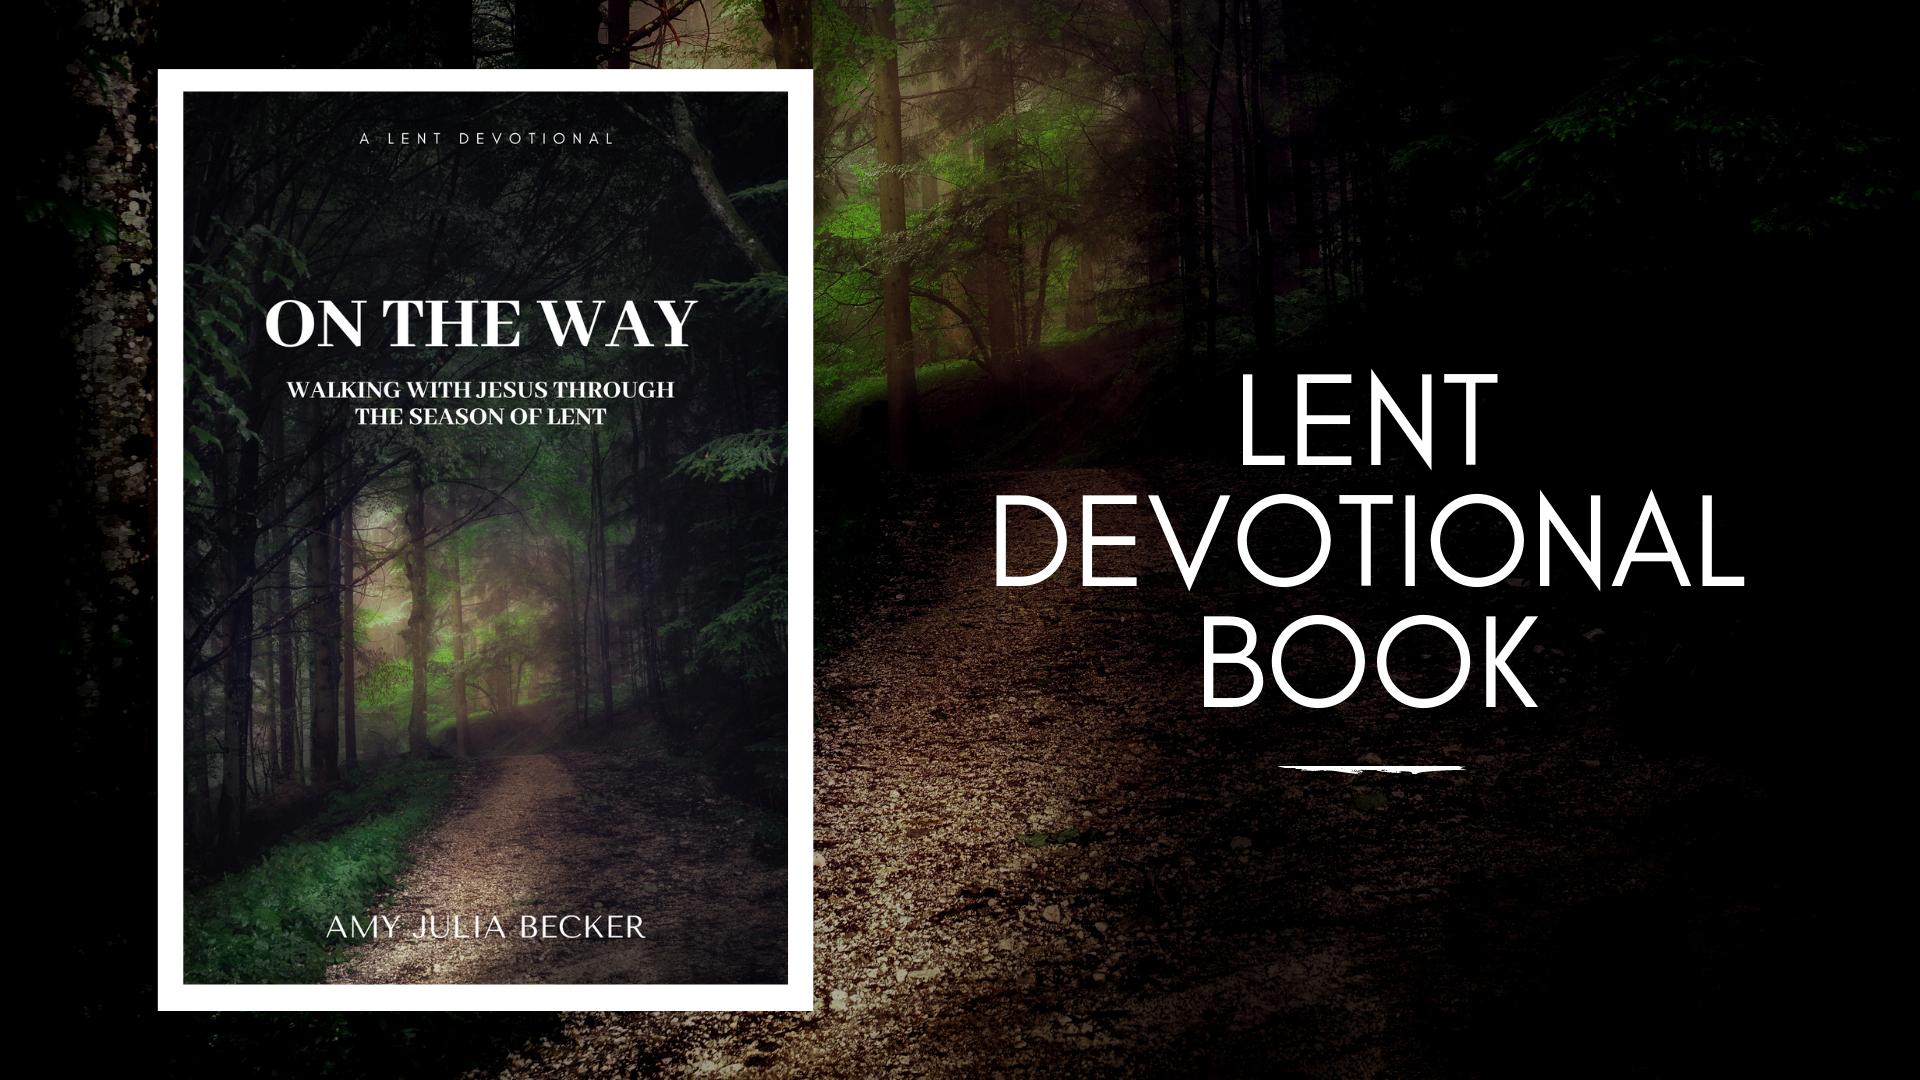 Lent devotional book